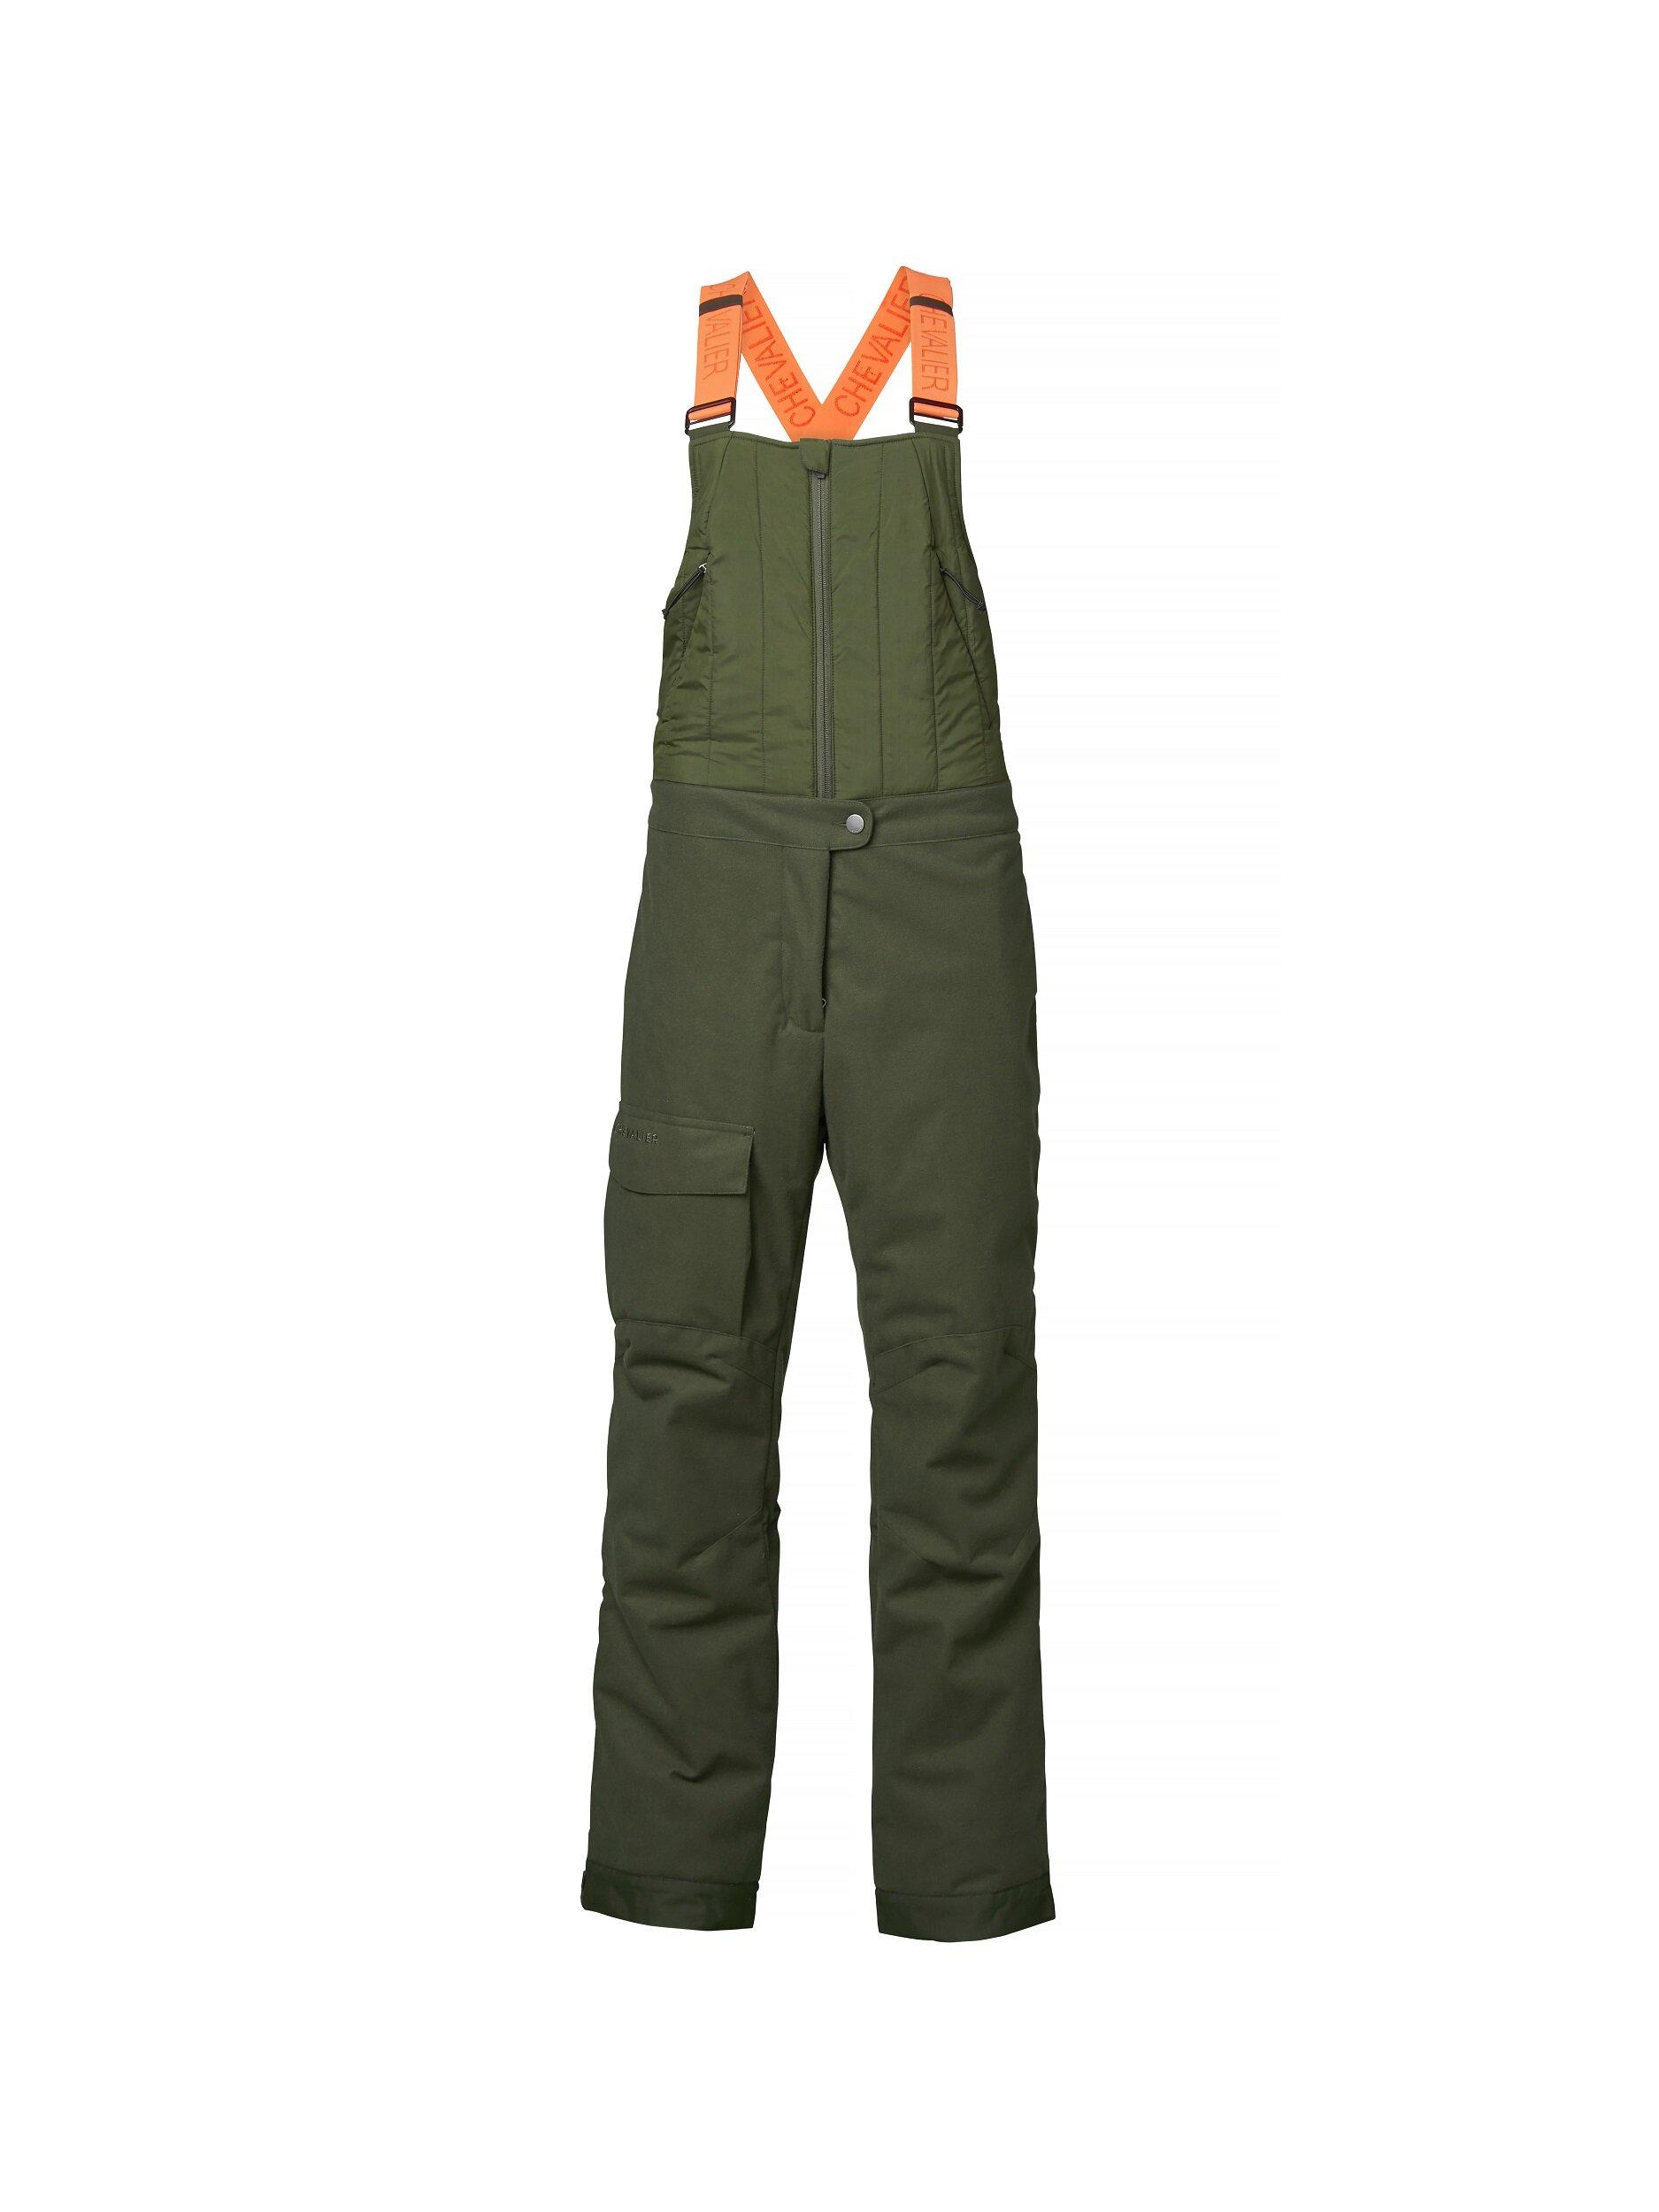 Frost Powerfill130 Pants Women